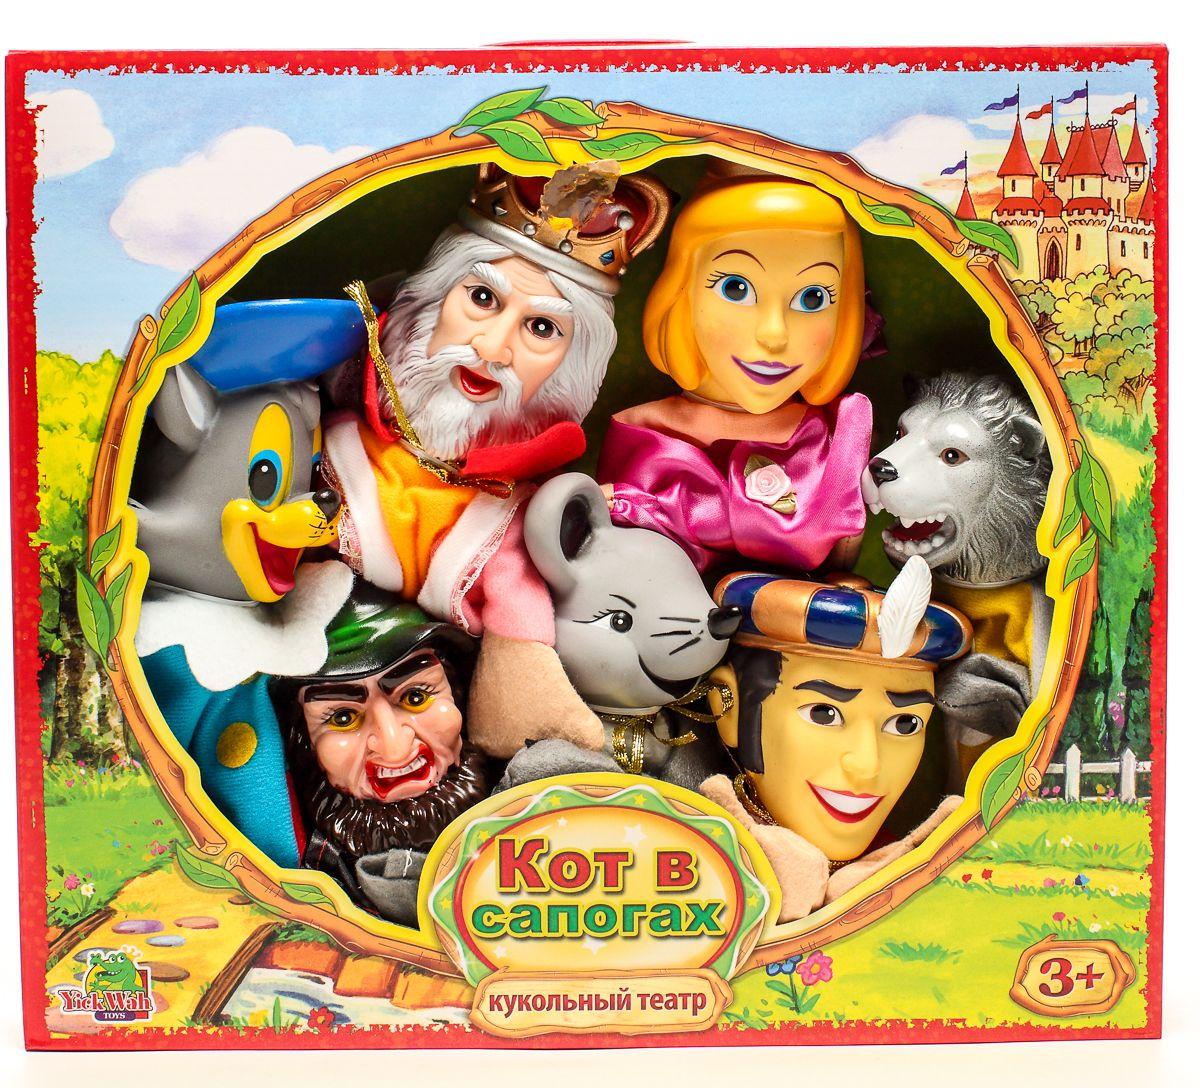 Yick Wah Кукольный театр Кот в сапогах7142/13SКукольный театр создан на основе всем известной сказки.Набор состоит из 7-и кукол-марионеток большого размера,одевающихся на кисть руки.Куклы обладают высокой прочностью,безопасностью.Доставляют малышам масс приятных и радостных эмоций